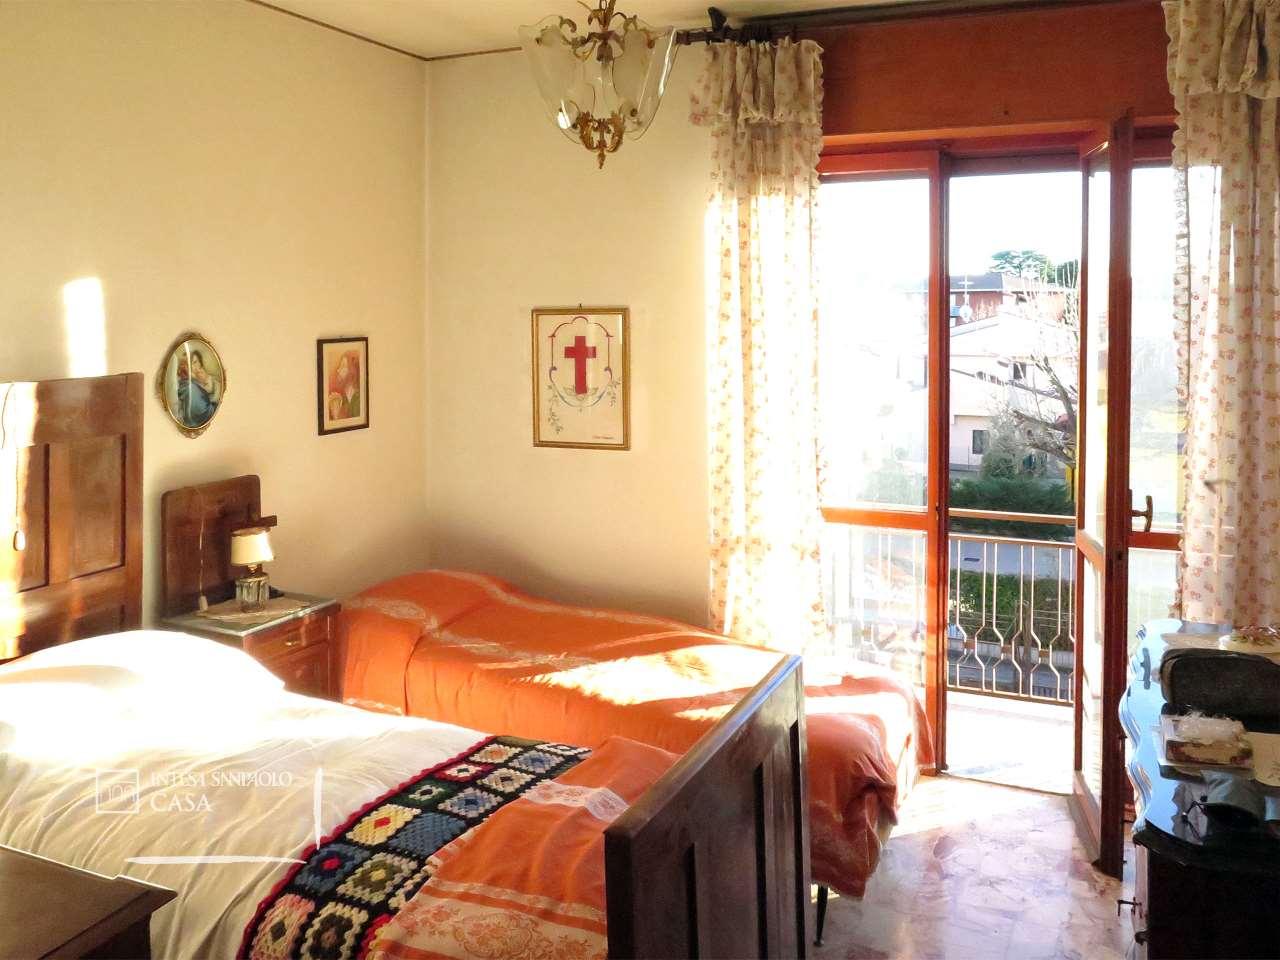 Casa indipendente in Vendita a Veduggio Con Colzano: 5 locali, 208 mq - Foto 6